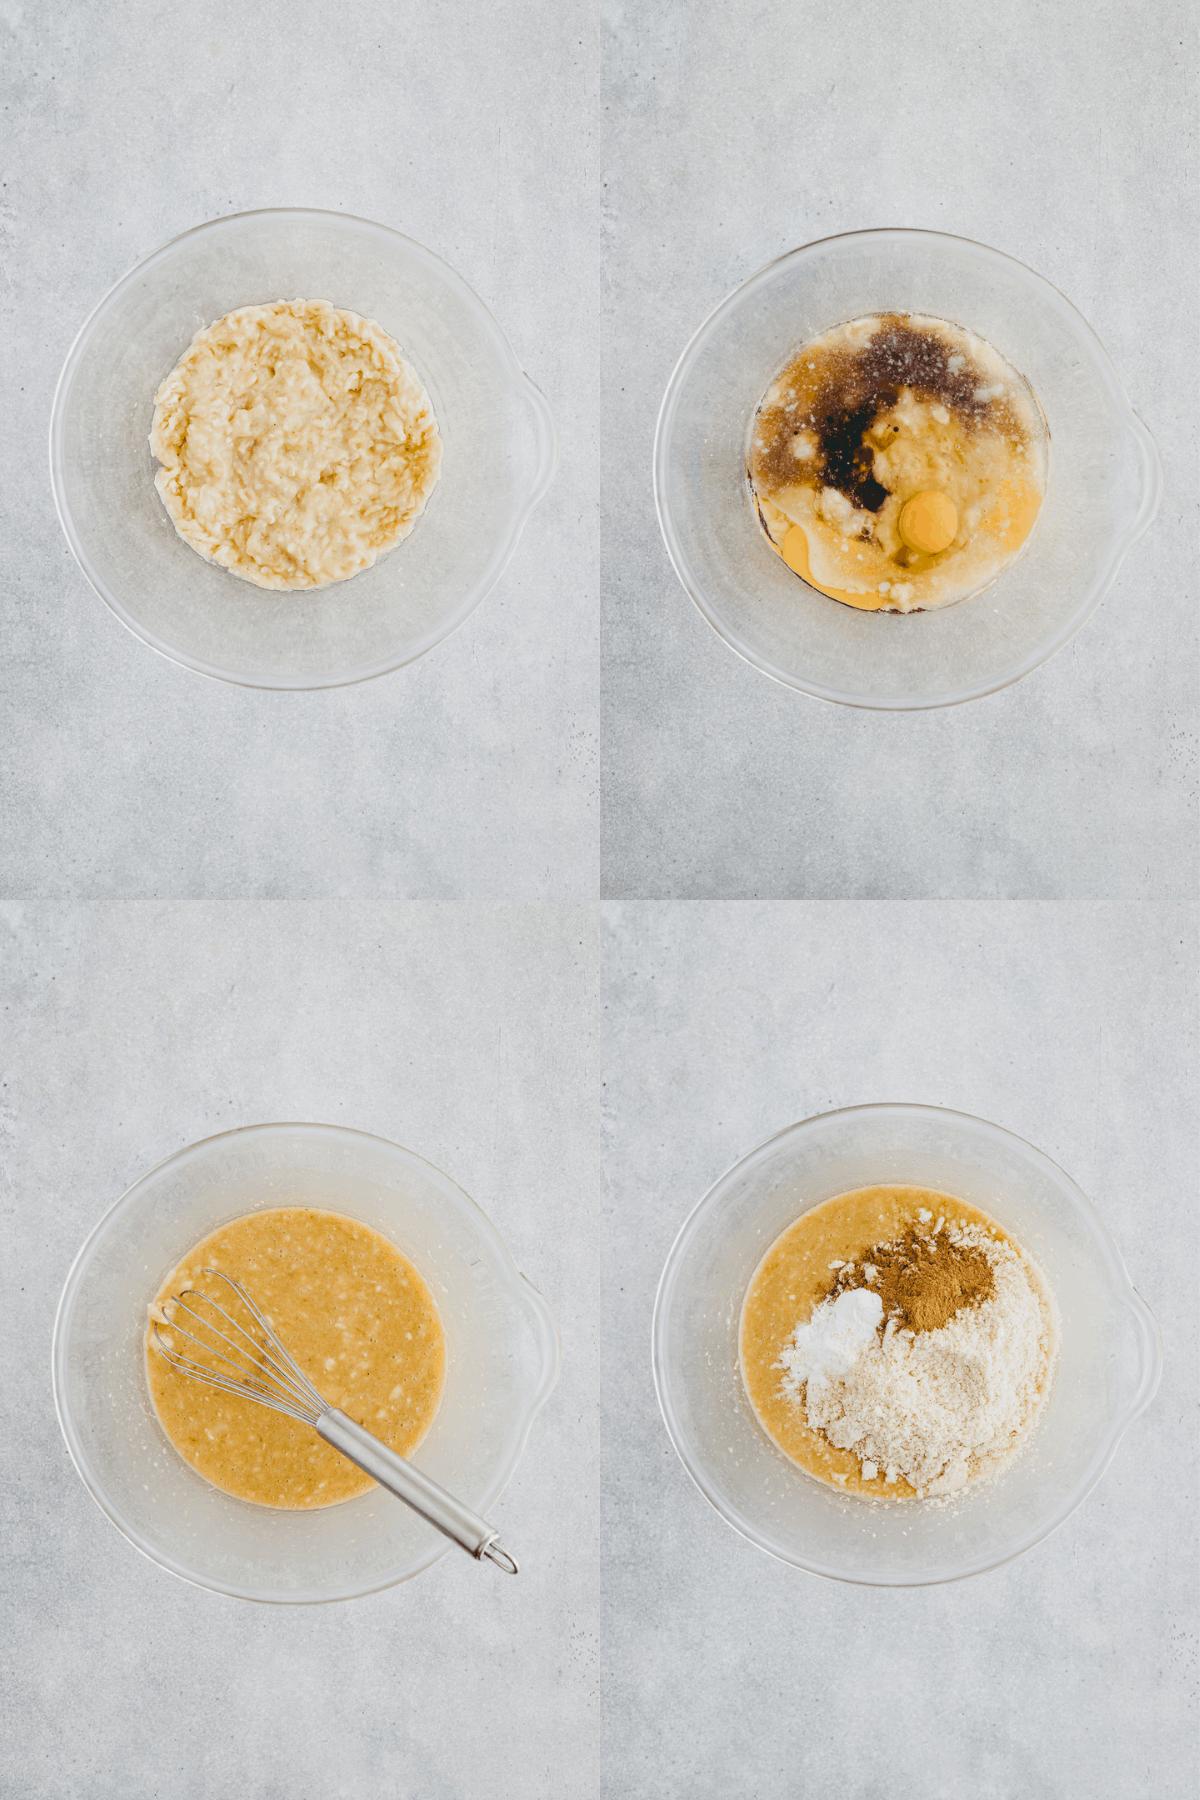 Walnut Banana Bread Recipe Step 1-4